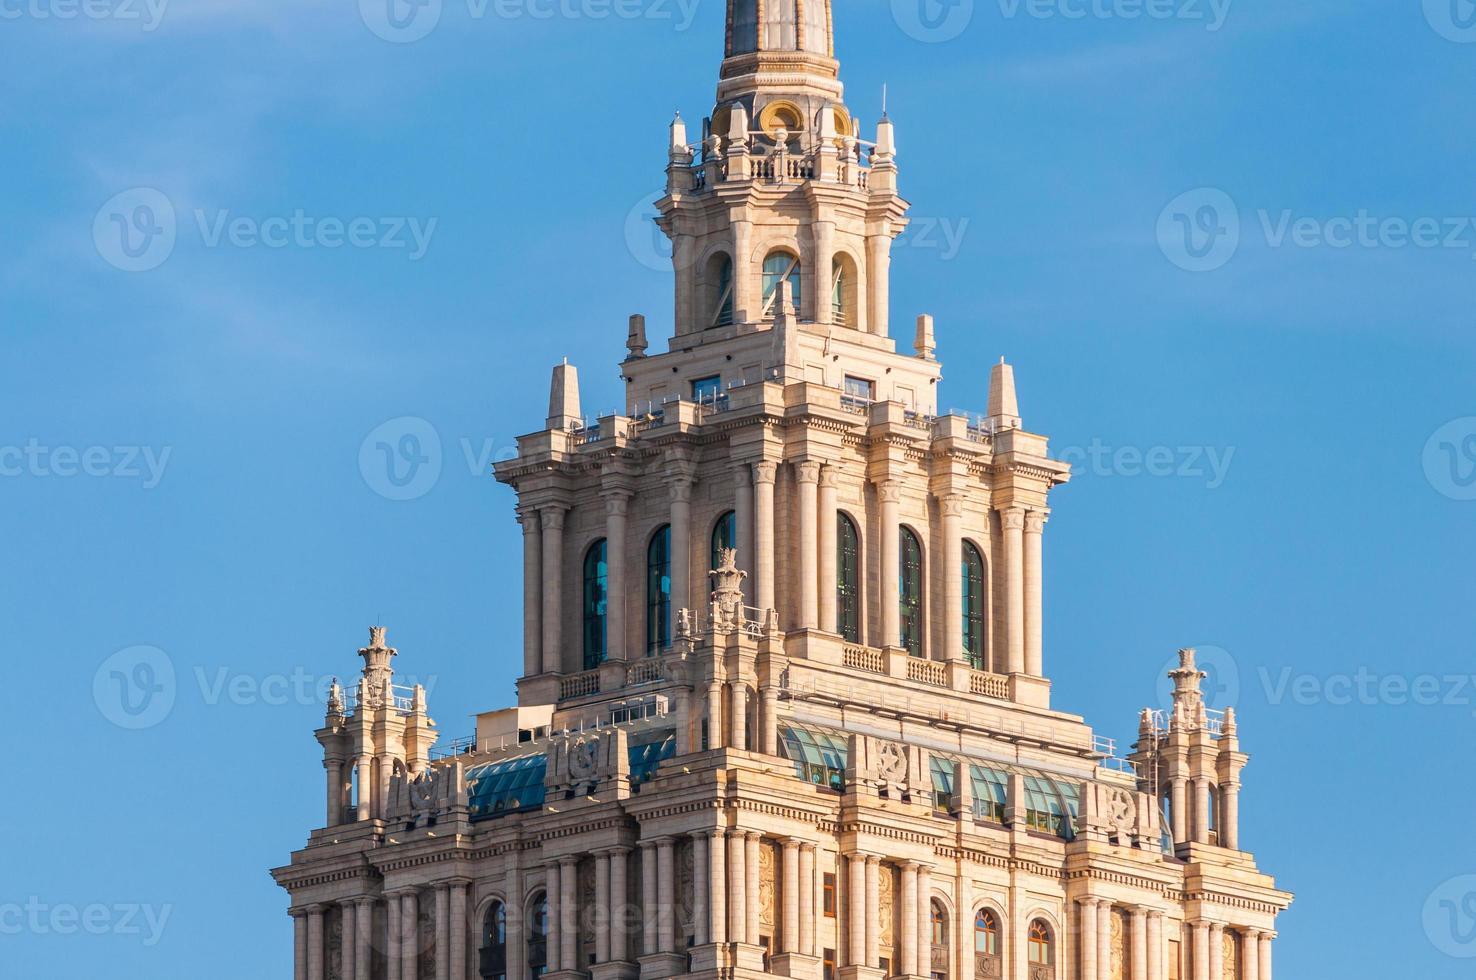 Teil des Hauses mit einem Turm foto